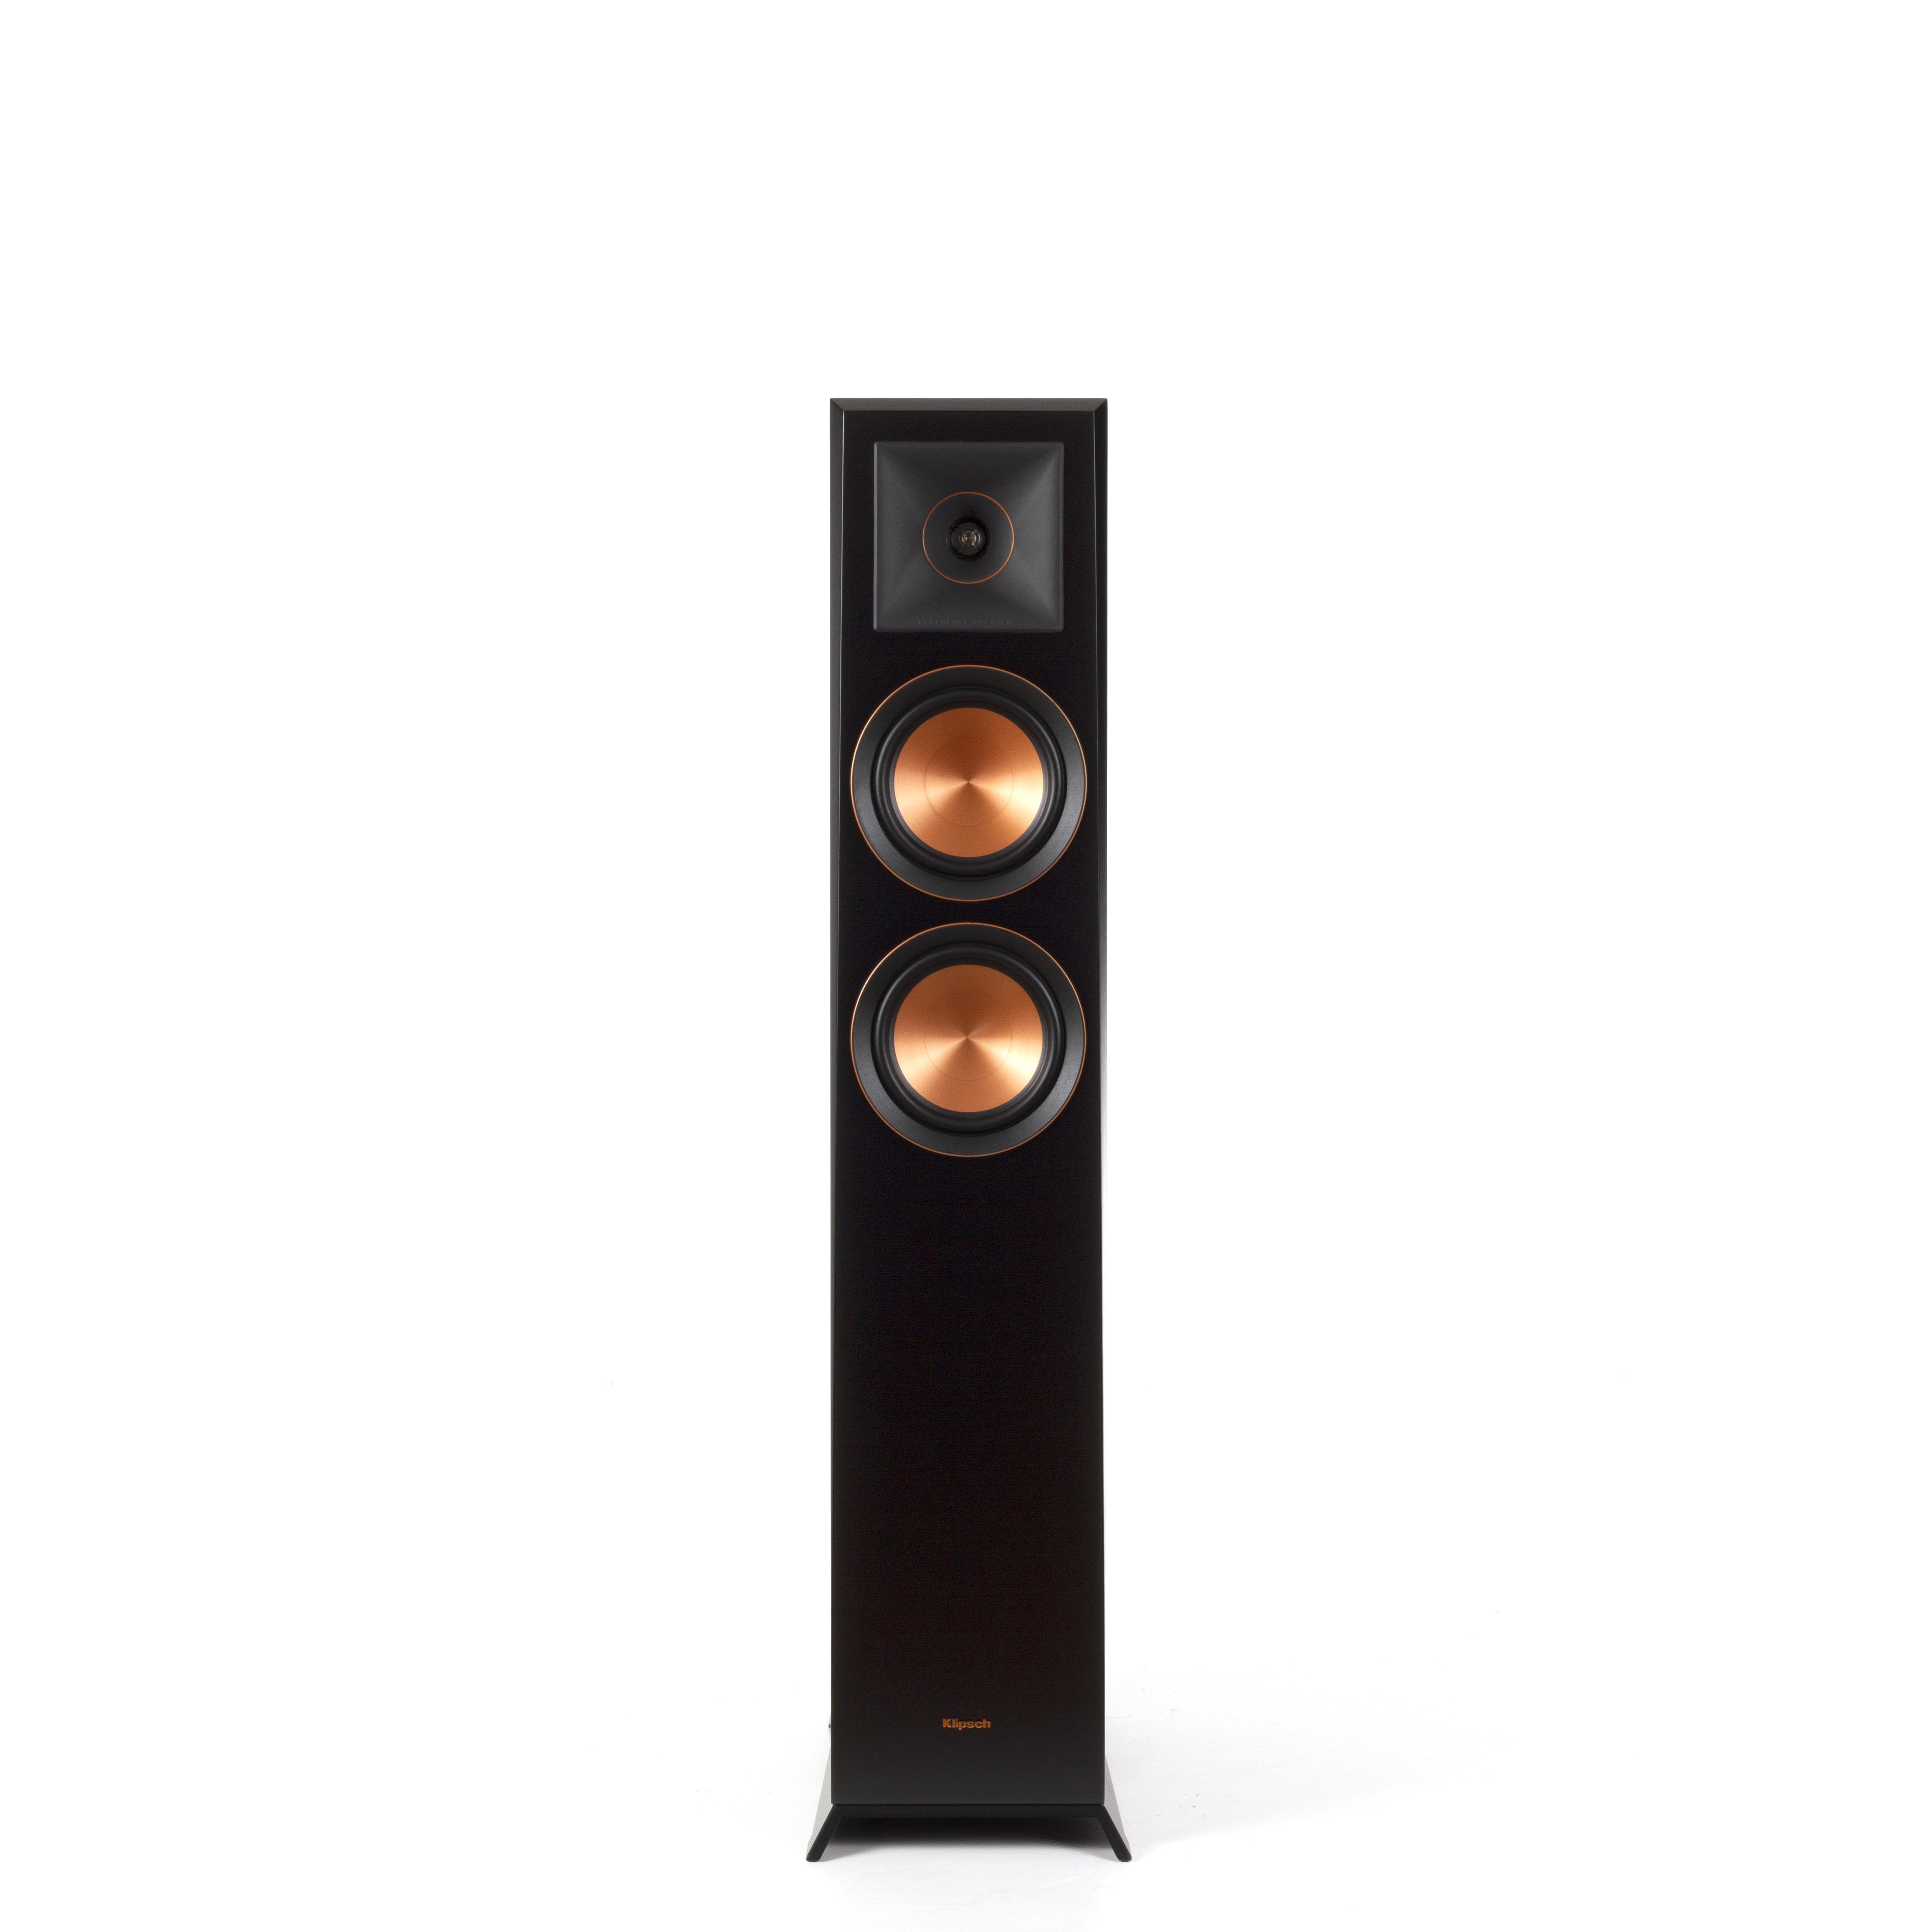 Op bestehardware.nl (de beste hardware onderdelen) is alles over beeld | geluid te vinden: waaronder expert en specifiek Klipsch RP-5000F Vloerstaande speaker (Klipsch-RP-5000F-Vloerstaande-speaker372552478)